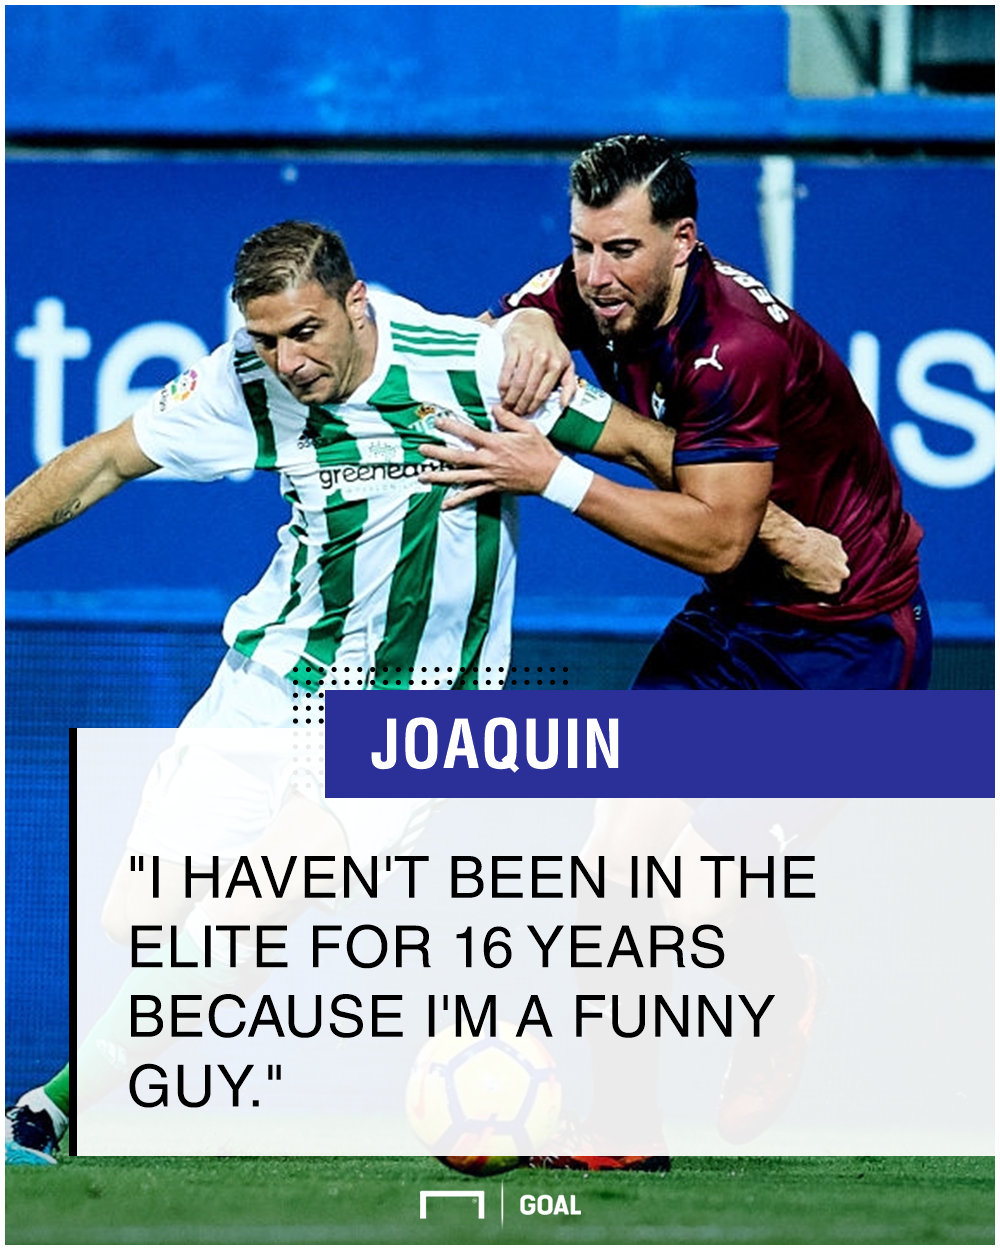 Joaquin PS